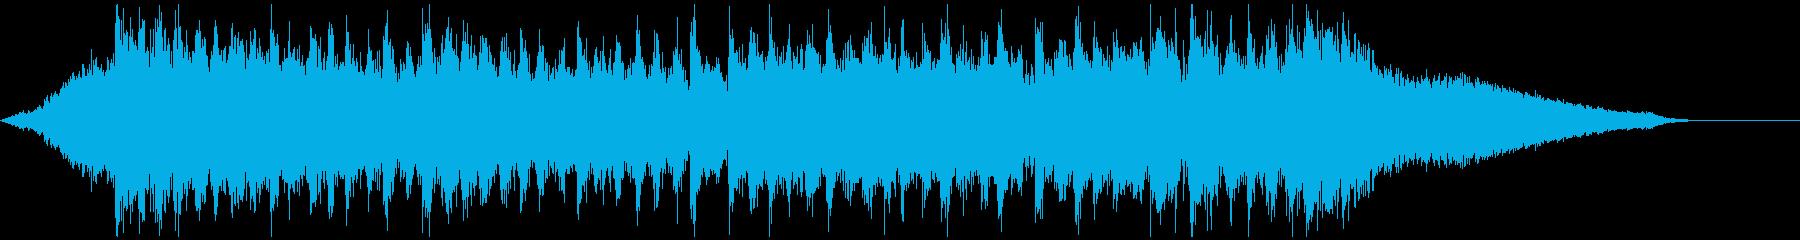 企業VP映像、168オーケストラ、爽快Sの再生済みの波形